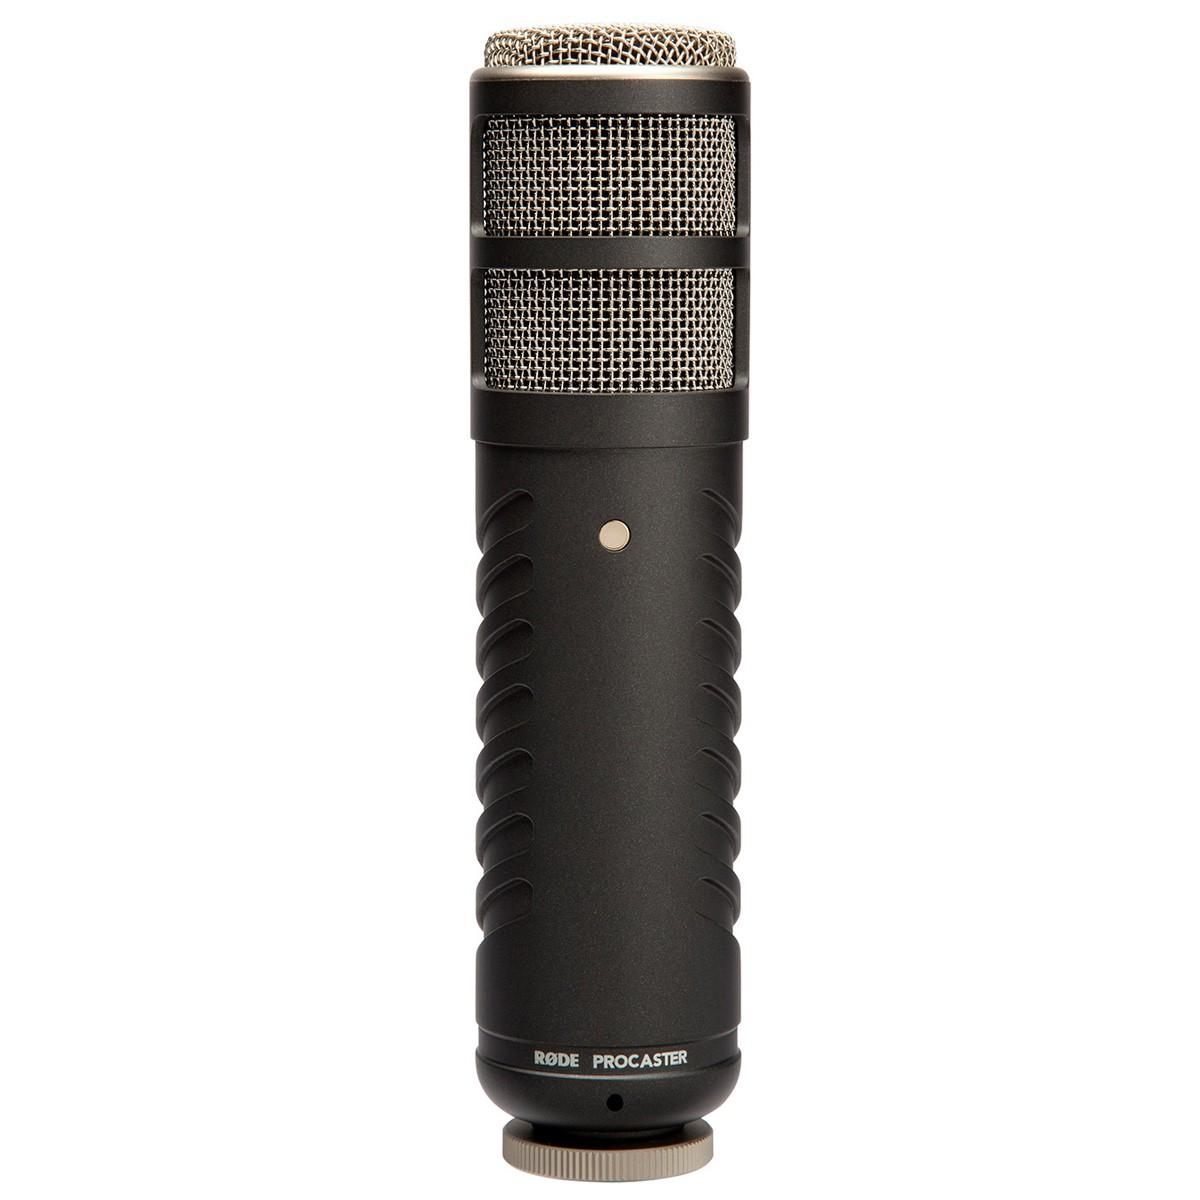 Microfone profissional Streming e Gravação Rode Procaster